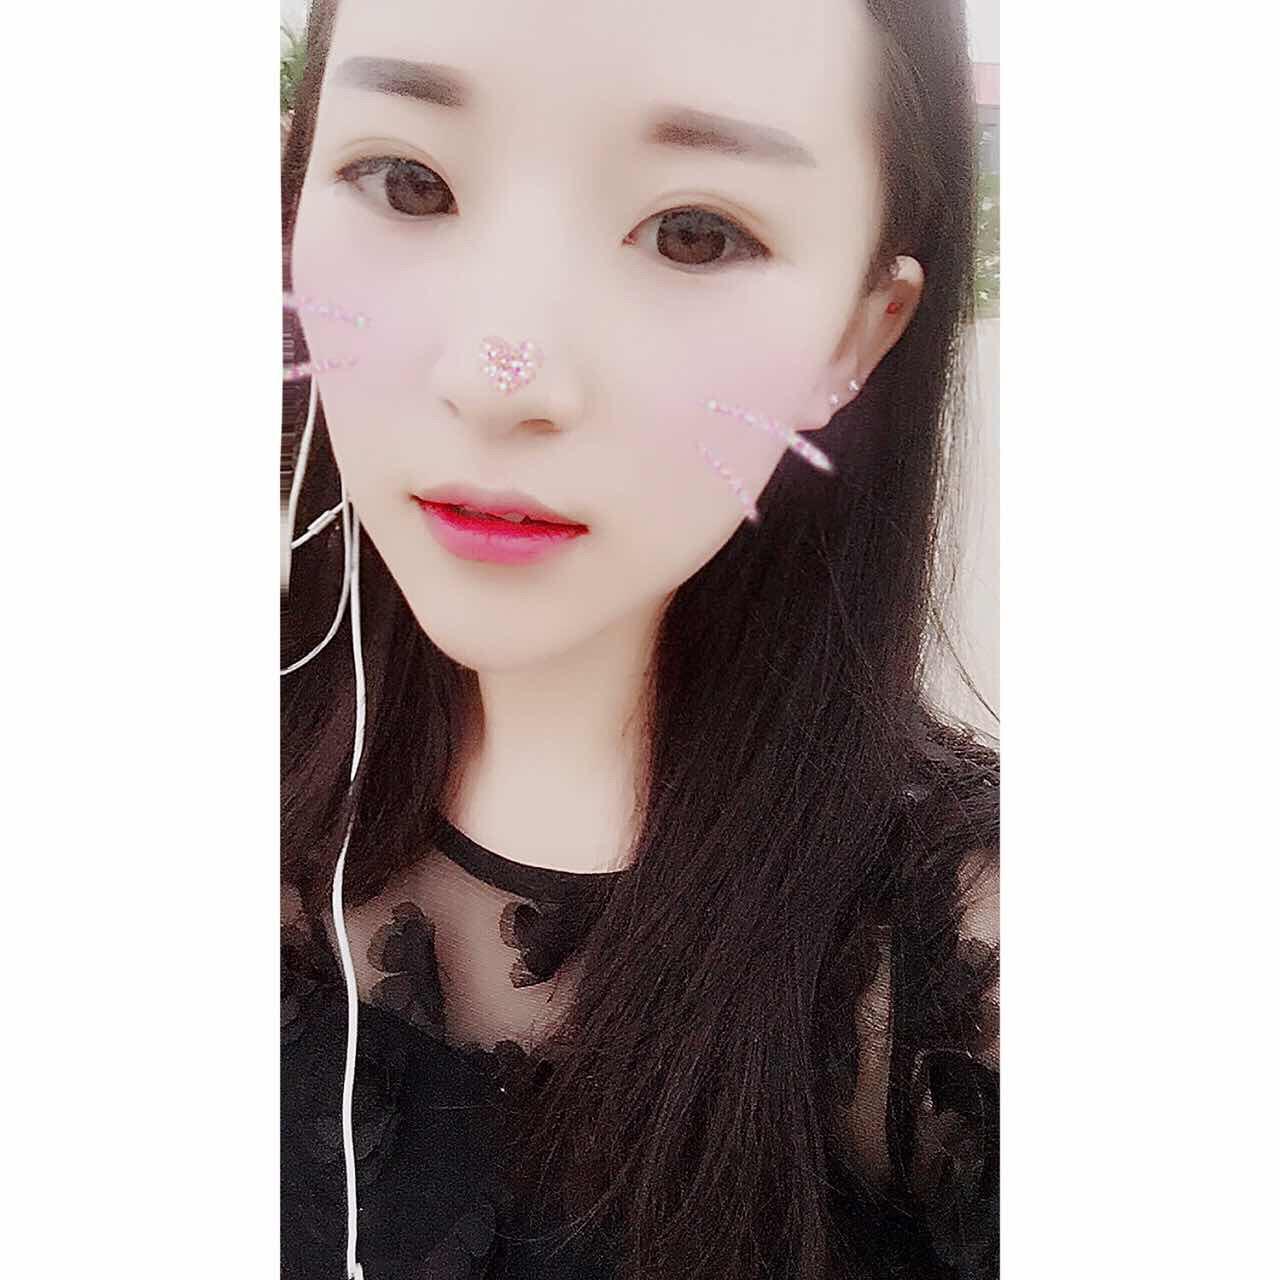 【美女秀场】程琦梅